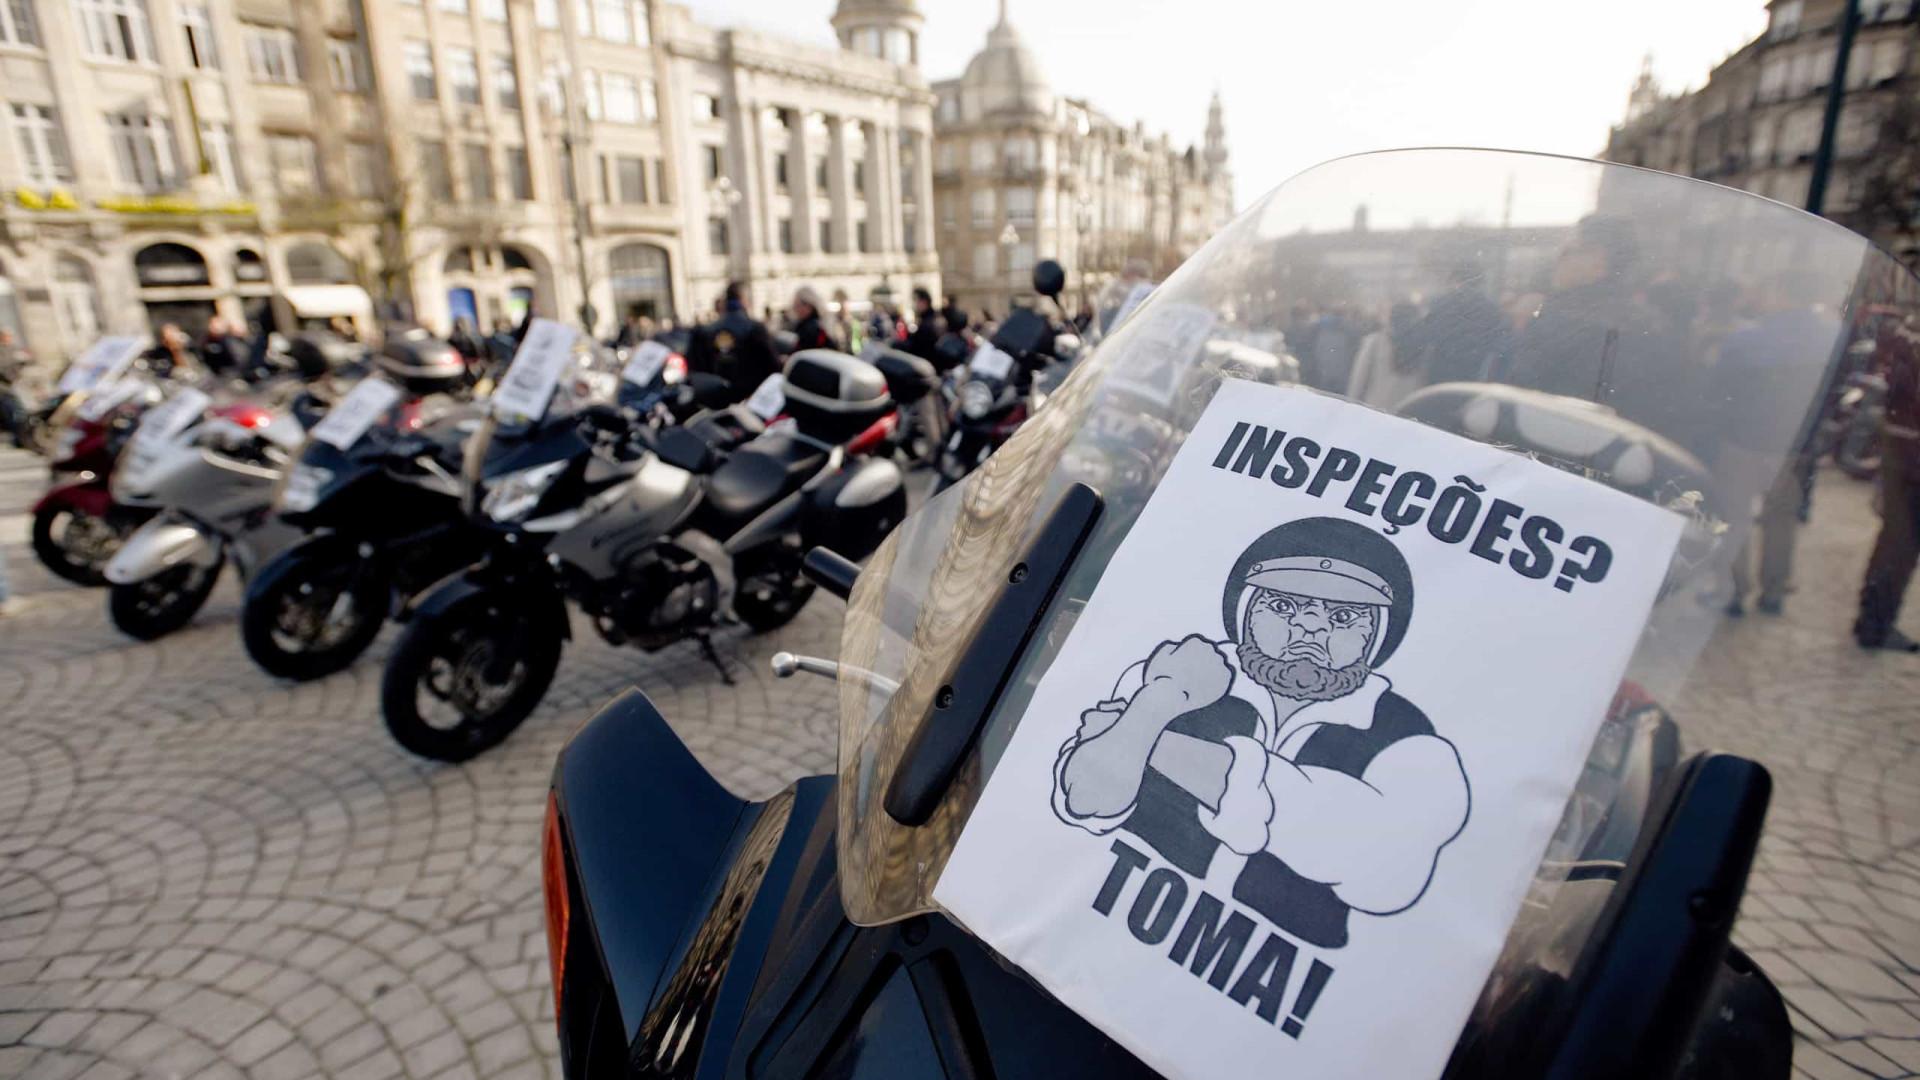 """Técnicos criticam """"interesses económicos"""" na inspeção a motociclos"""